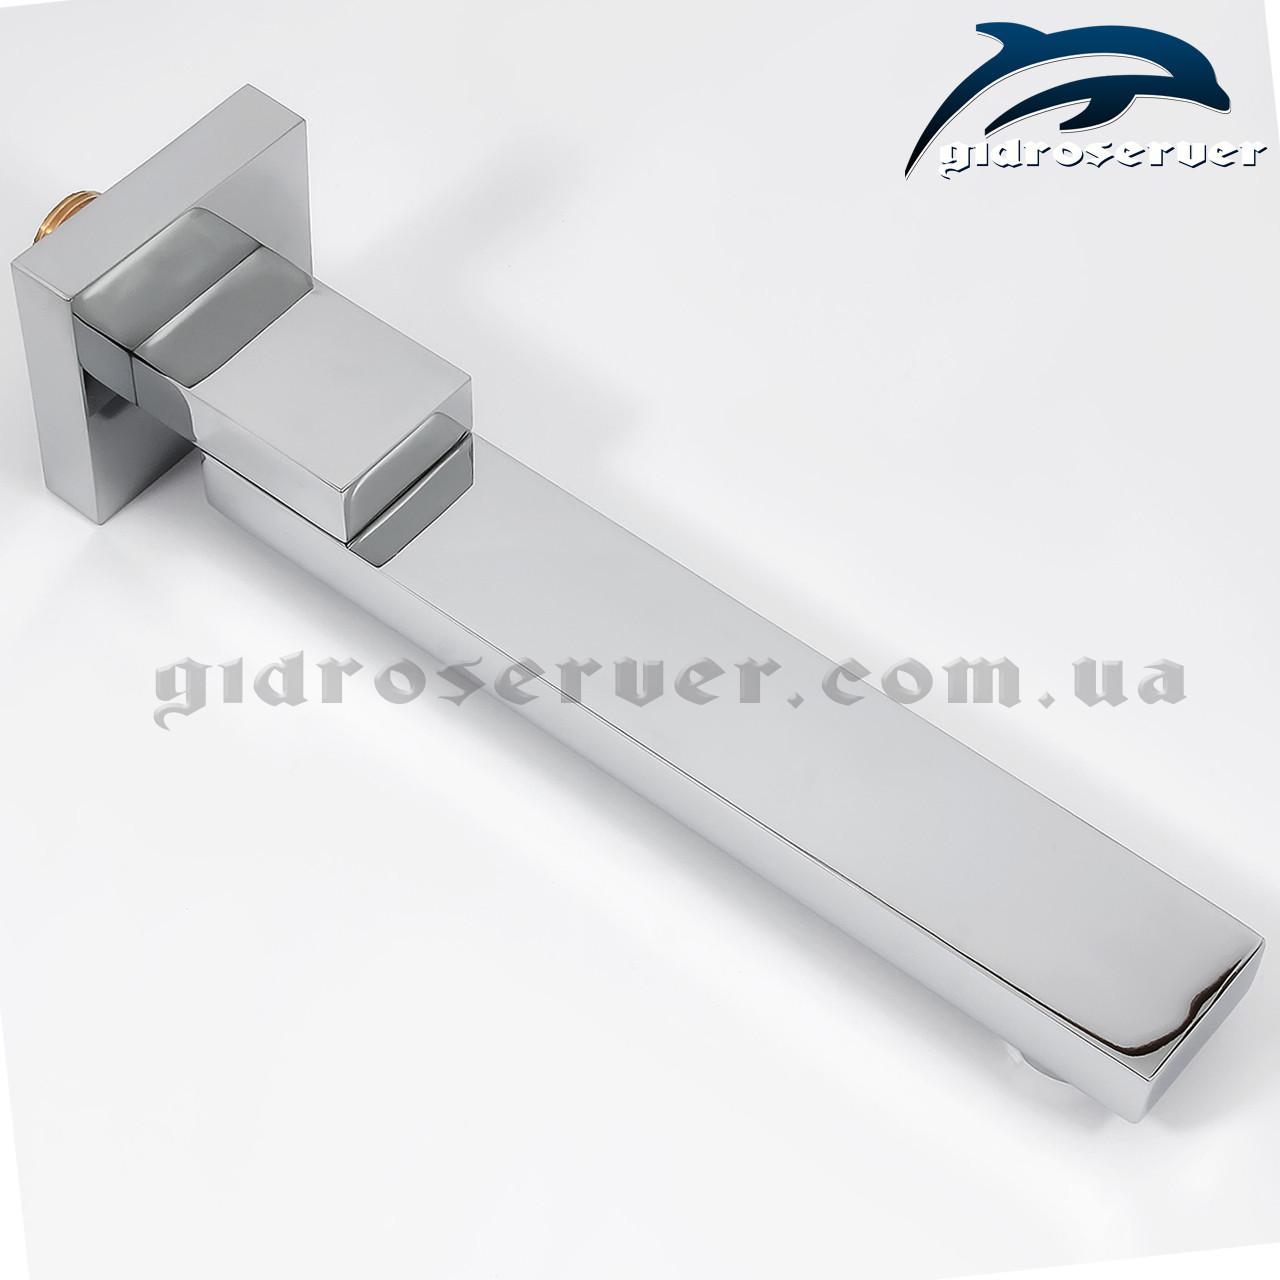 Вилив для душової системи прихованого монтажу IL-05.